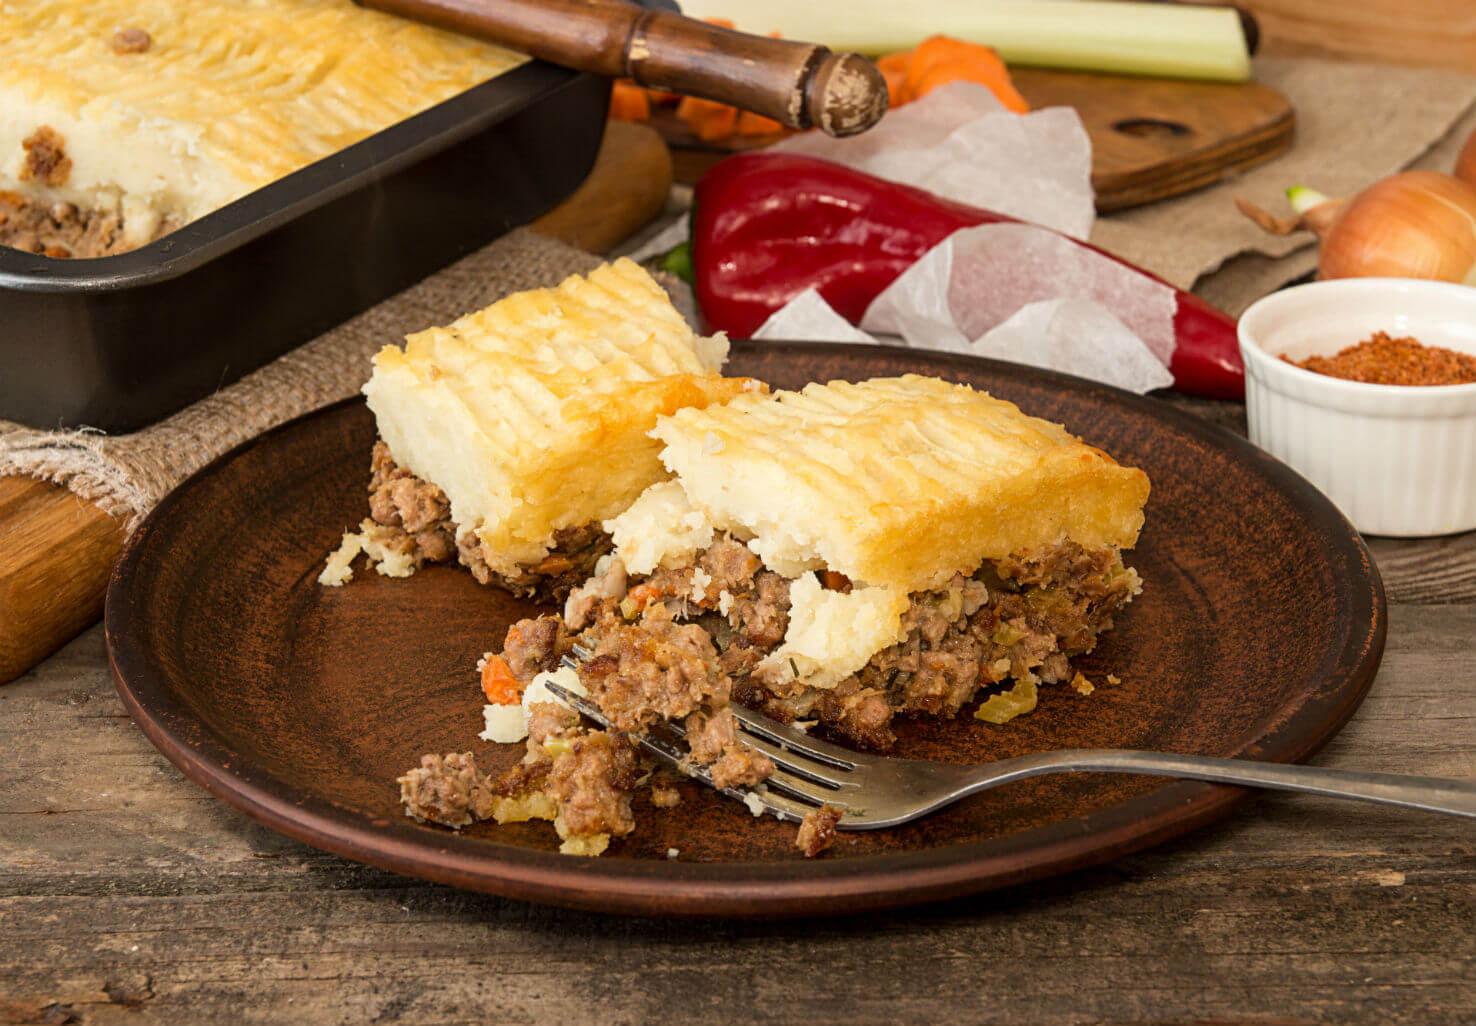 Slice of shepherd's pie on plate by seasonings and pepper